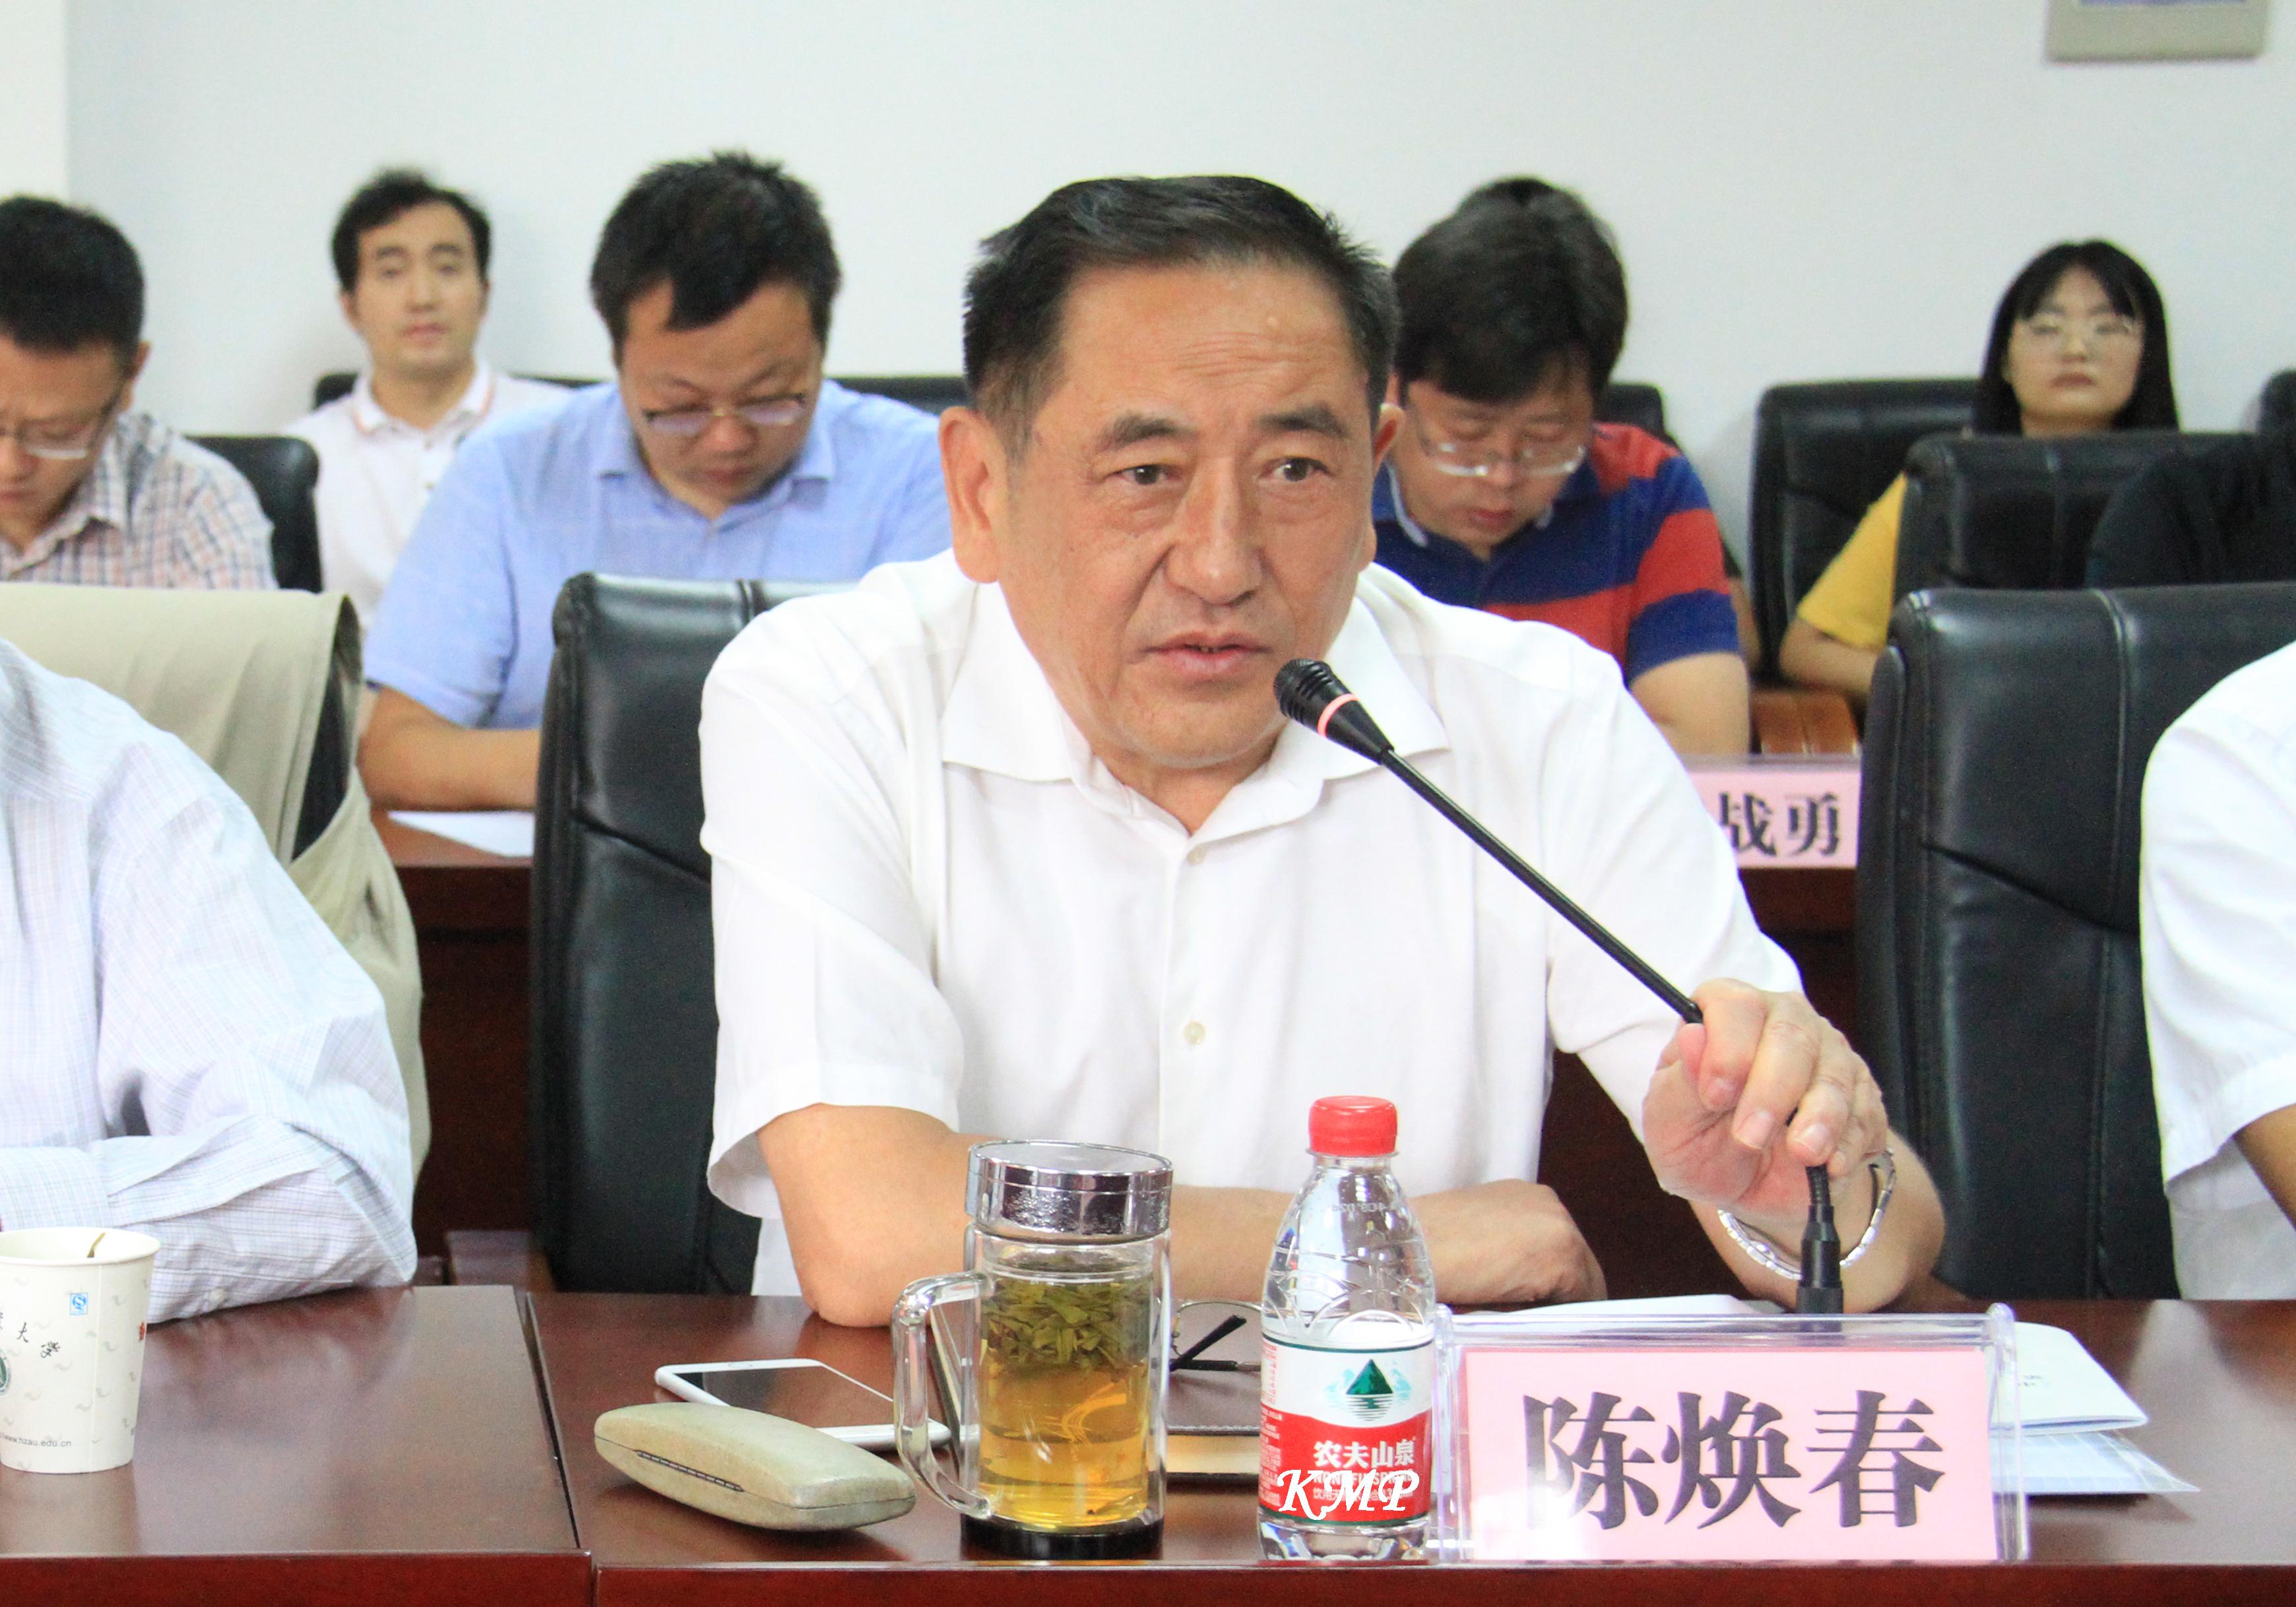 中国工程院院士、华中农业大学教授陈焕春在会上发言